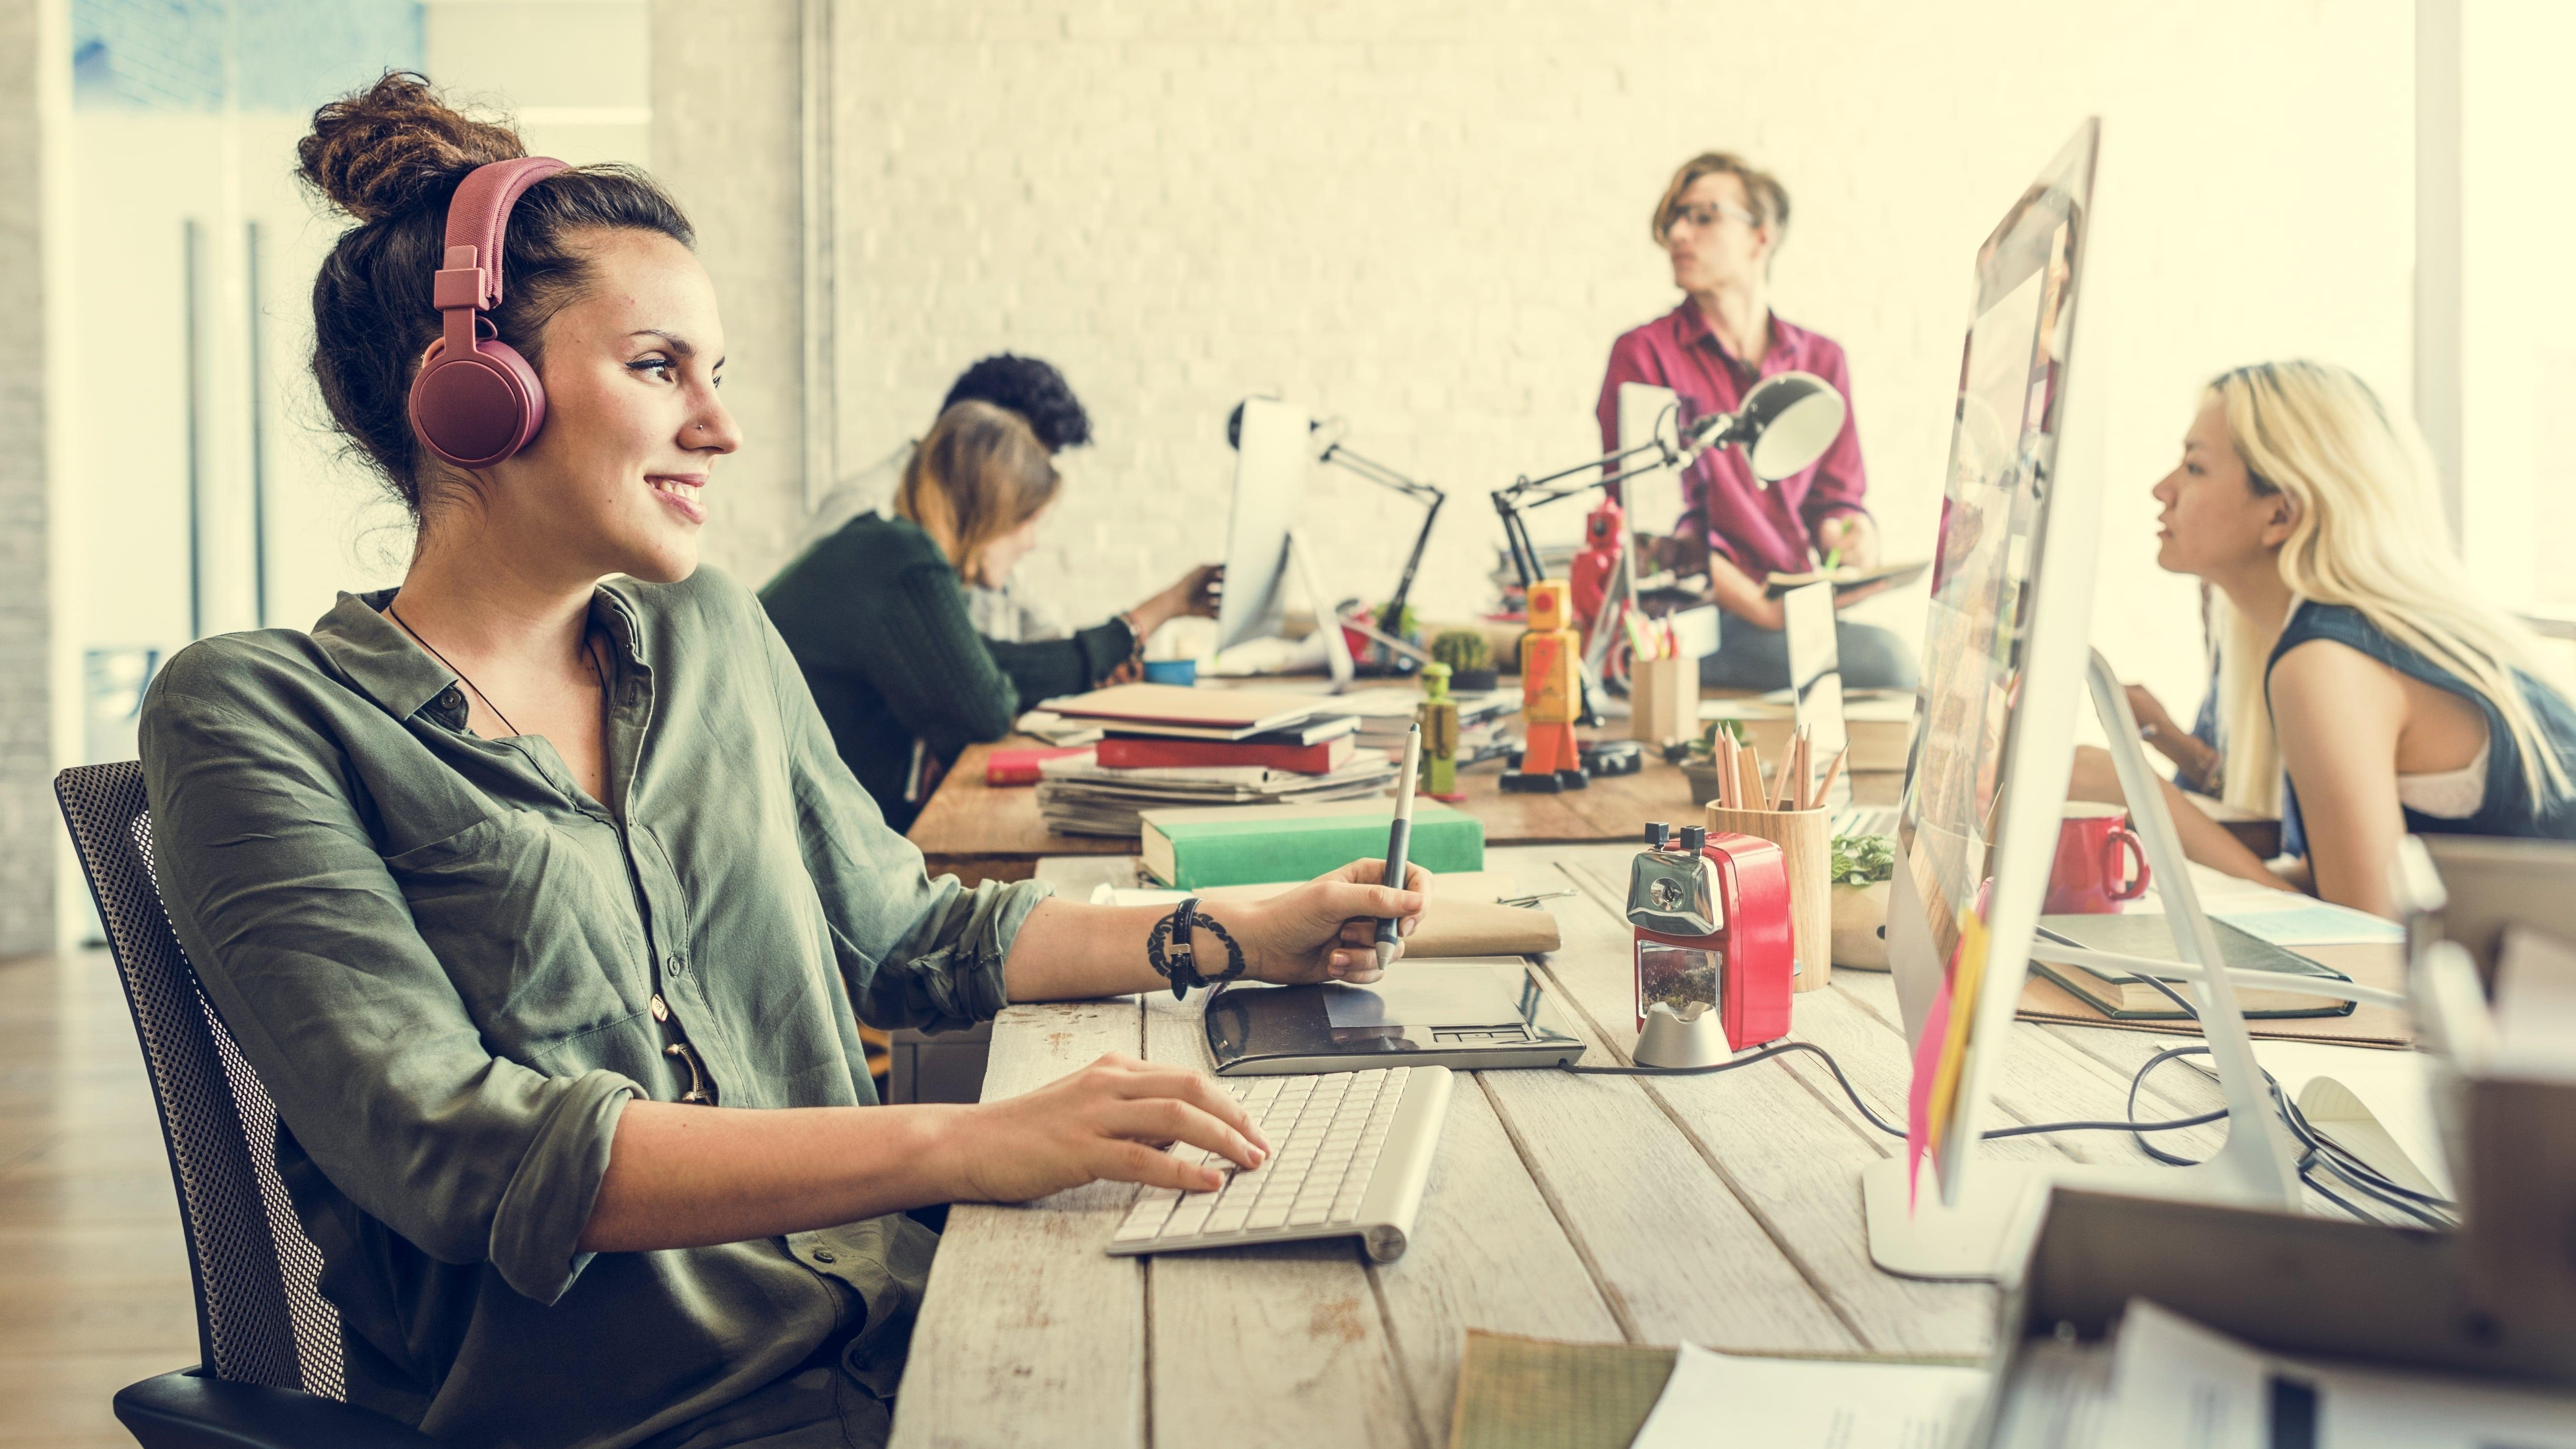 Estrategias para encontrar motivación en tu trabajo